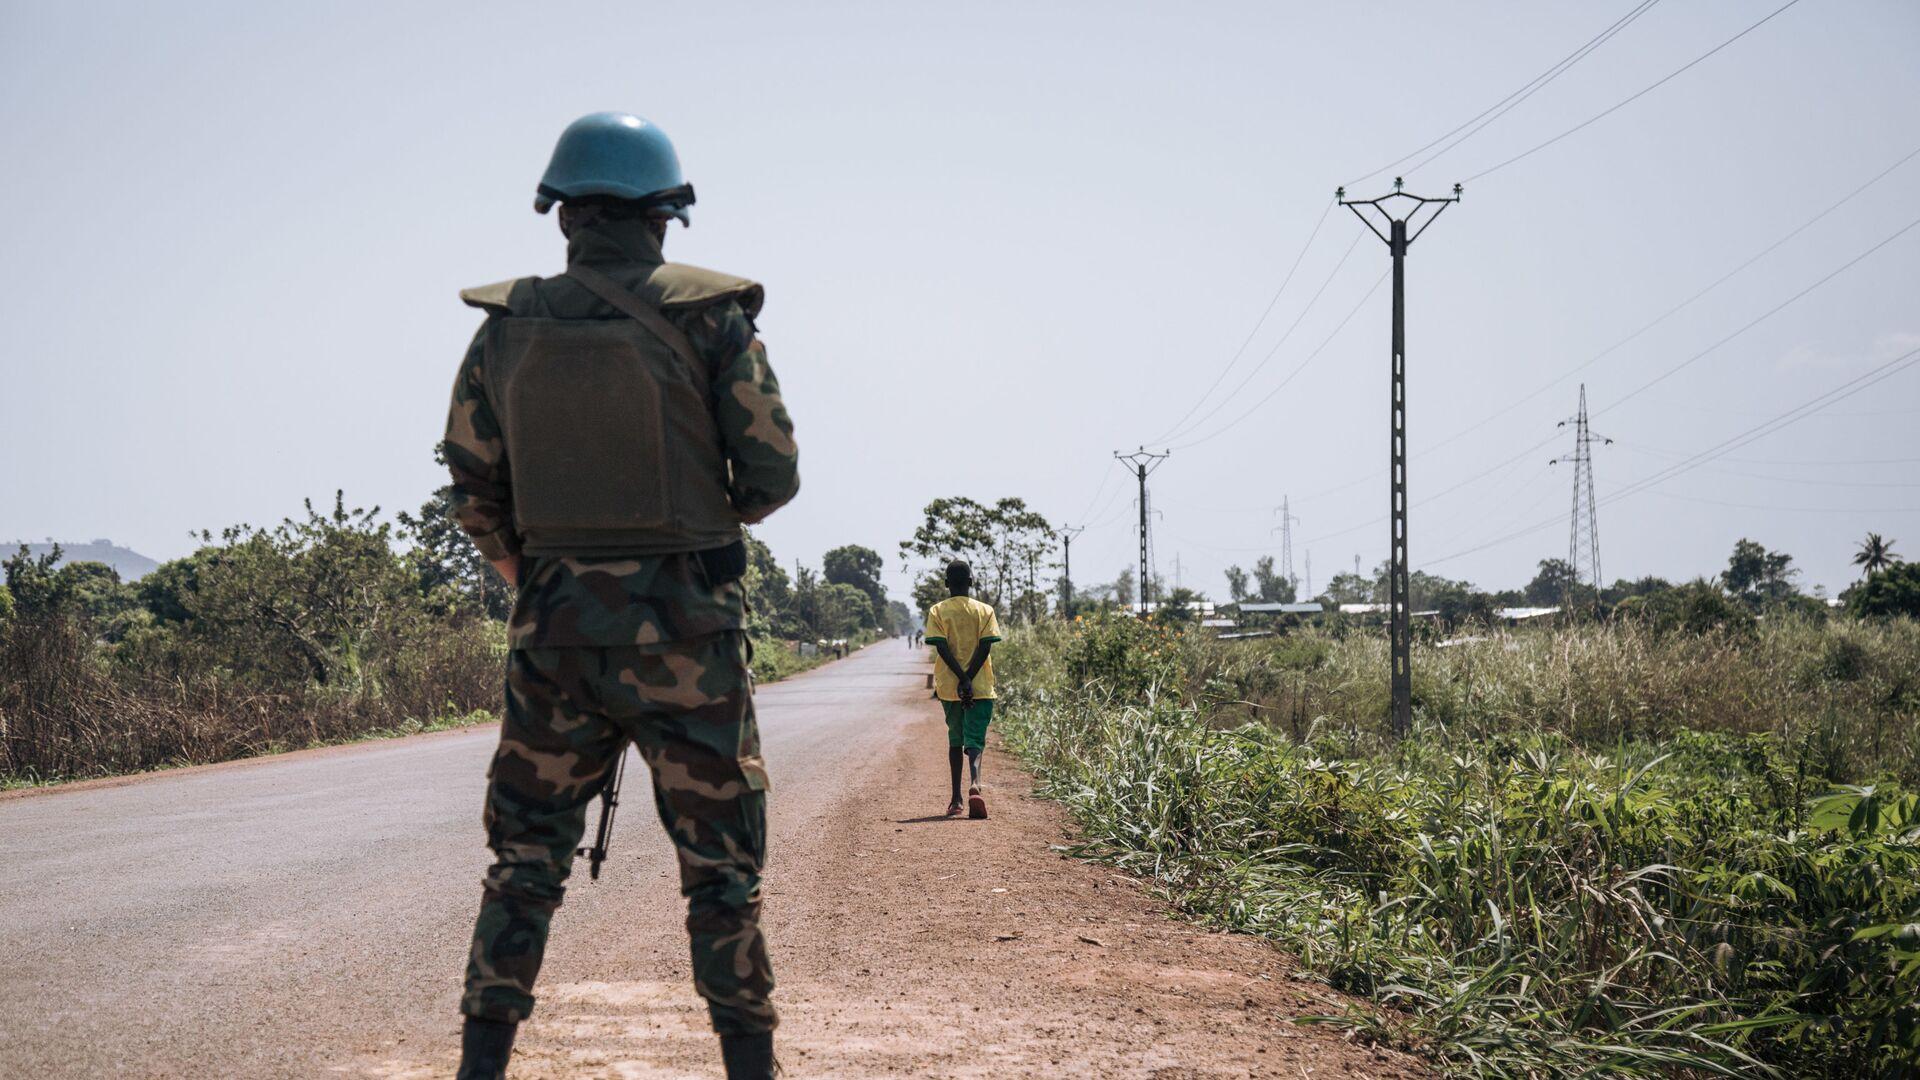 Fuerzas de paz de la ONU en República Centroafricana - Sputnik Mundo, 1920, 17.02.2021